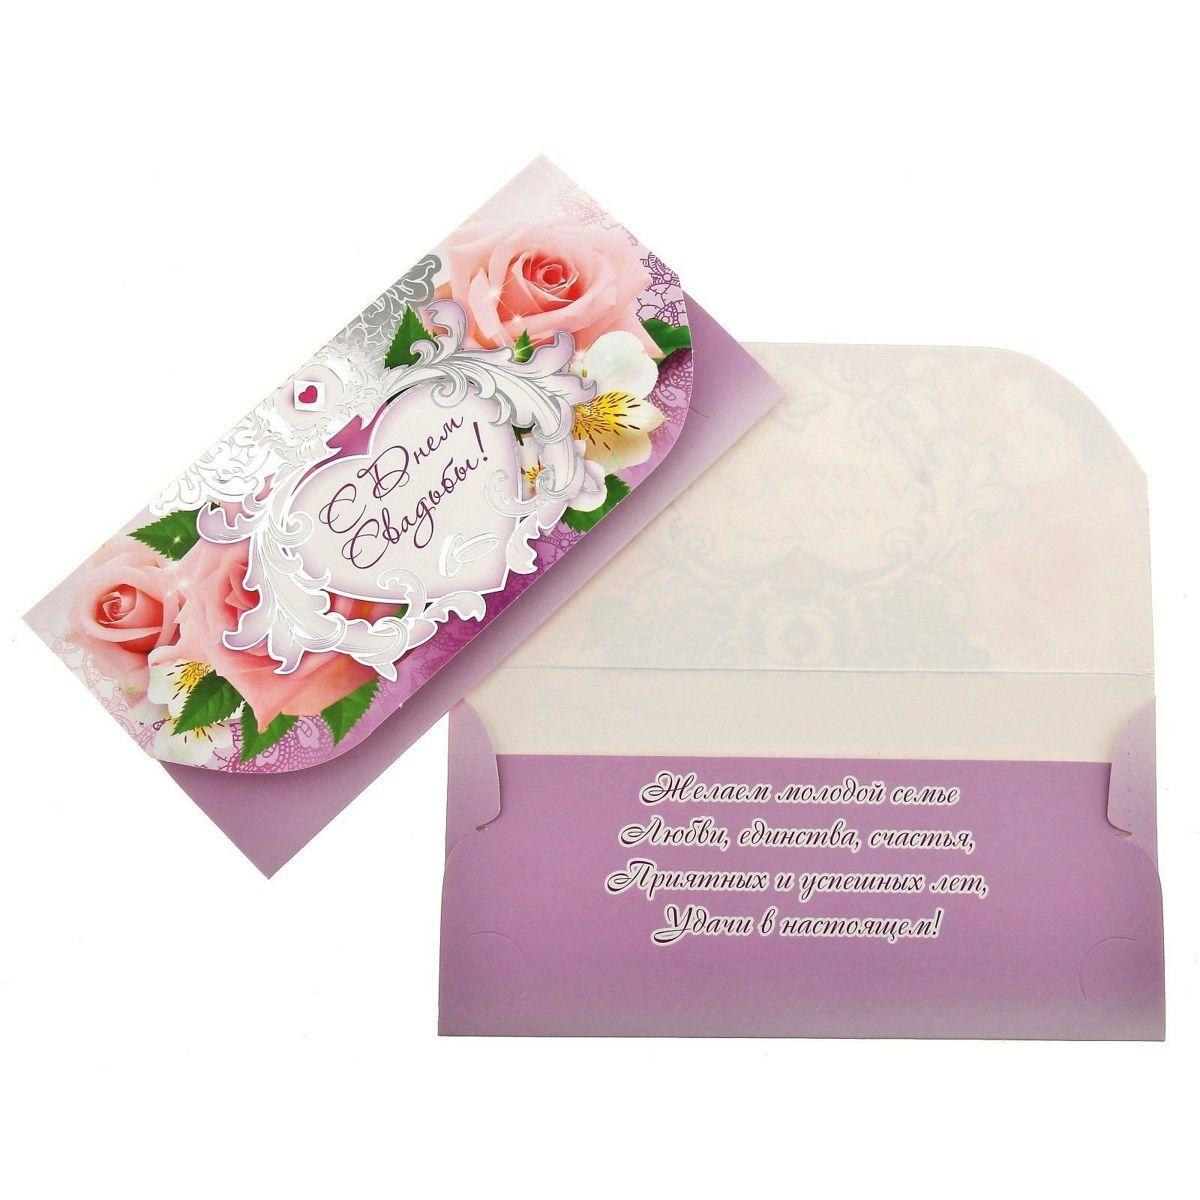 Как подписать открытку с деньгами в день свадьбы